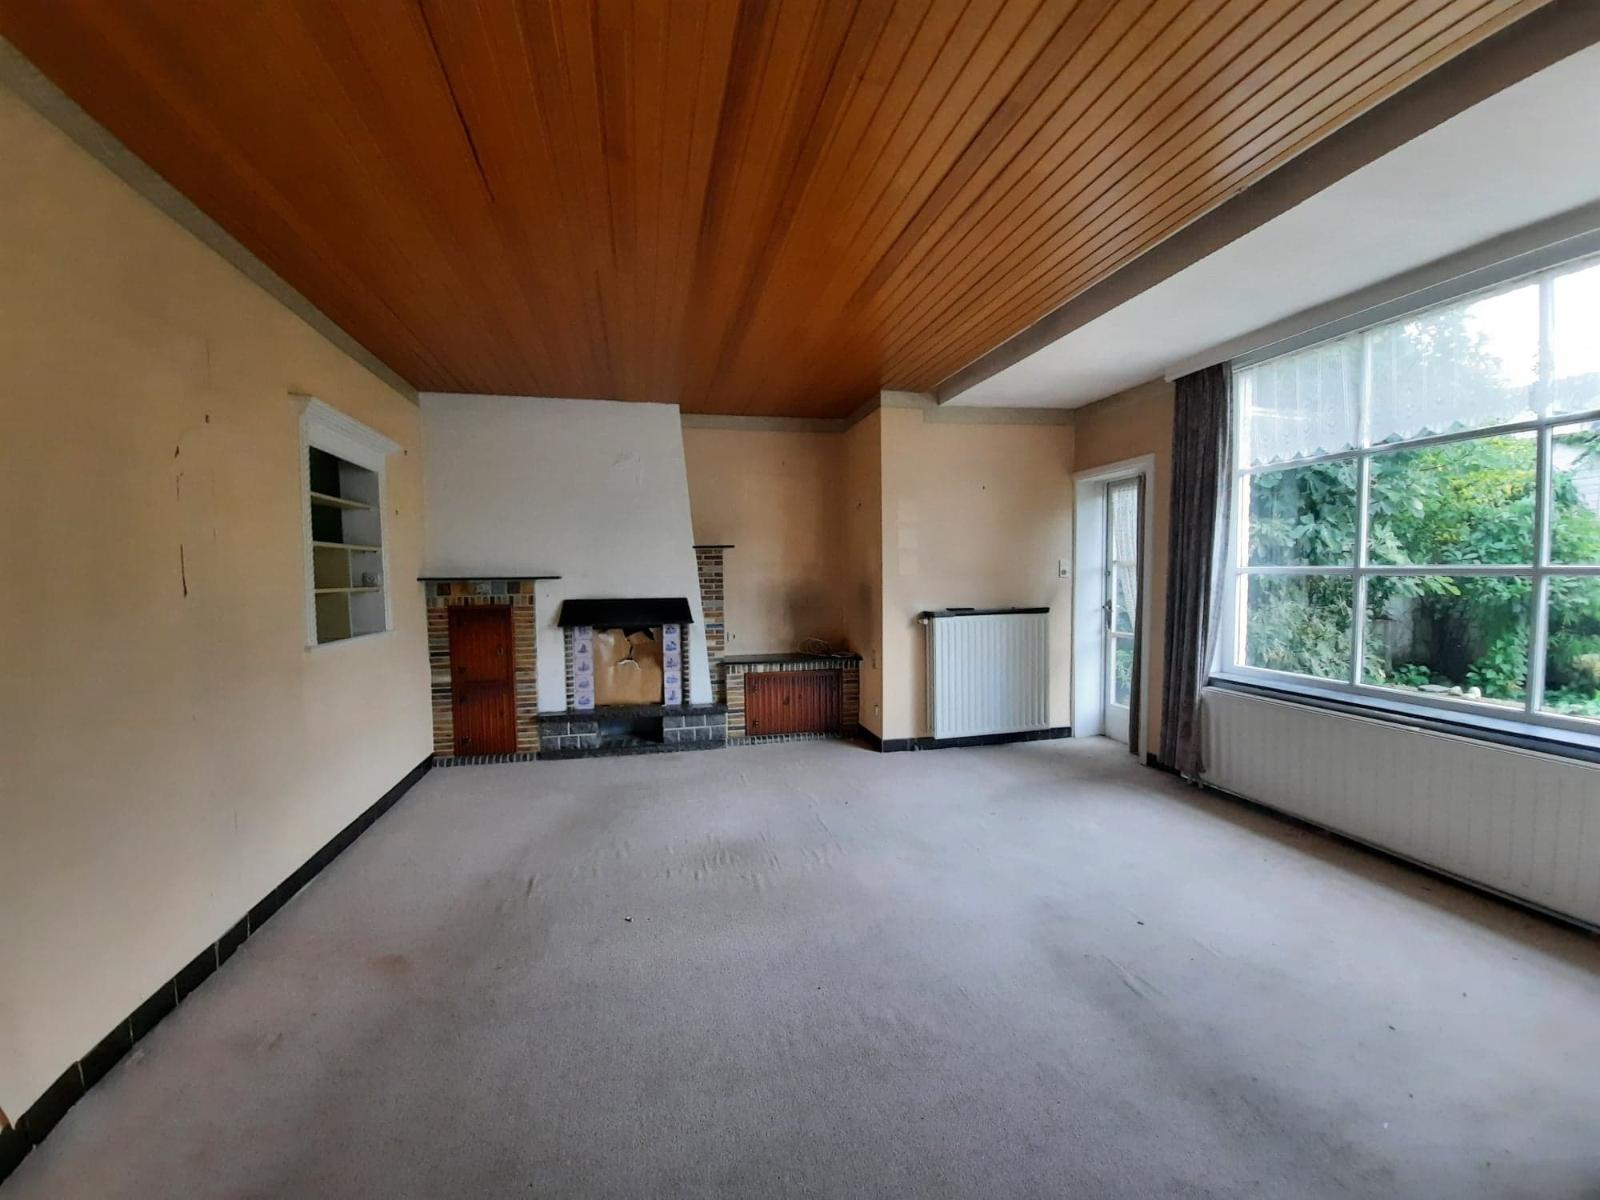 Centraal gelegen, te renoveren woning met mogelijkheid tot tweewoonst - 5